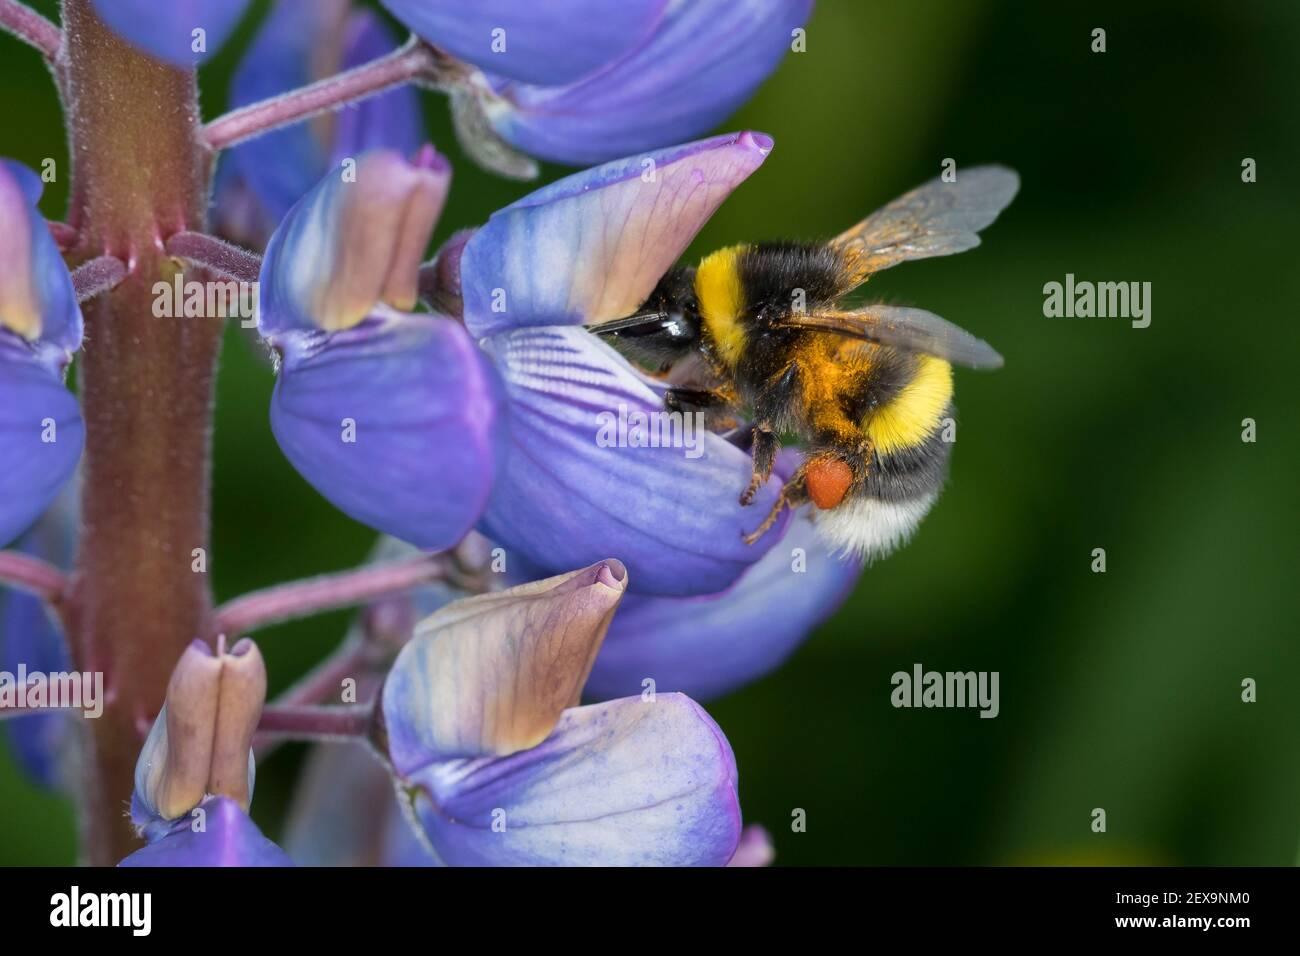 Erdhummel, Erd-Hummel, Weibchen, Blütenbesuch an Lupine, mit Pollenhöschen, Bombus spec., Bombus, bumble bee Stock Photo